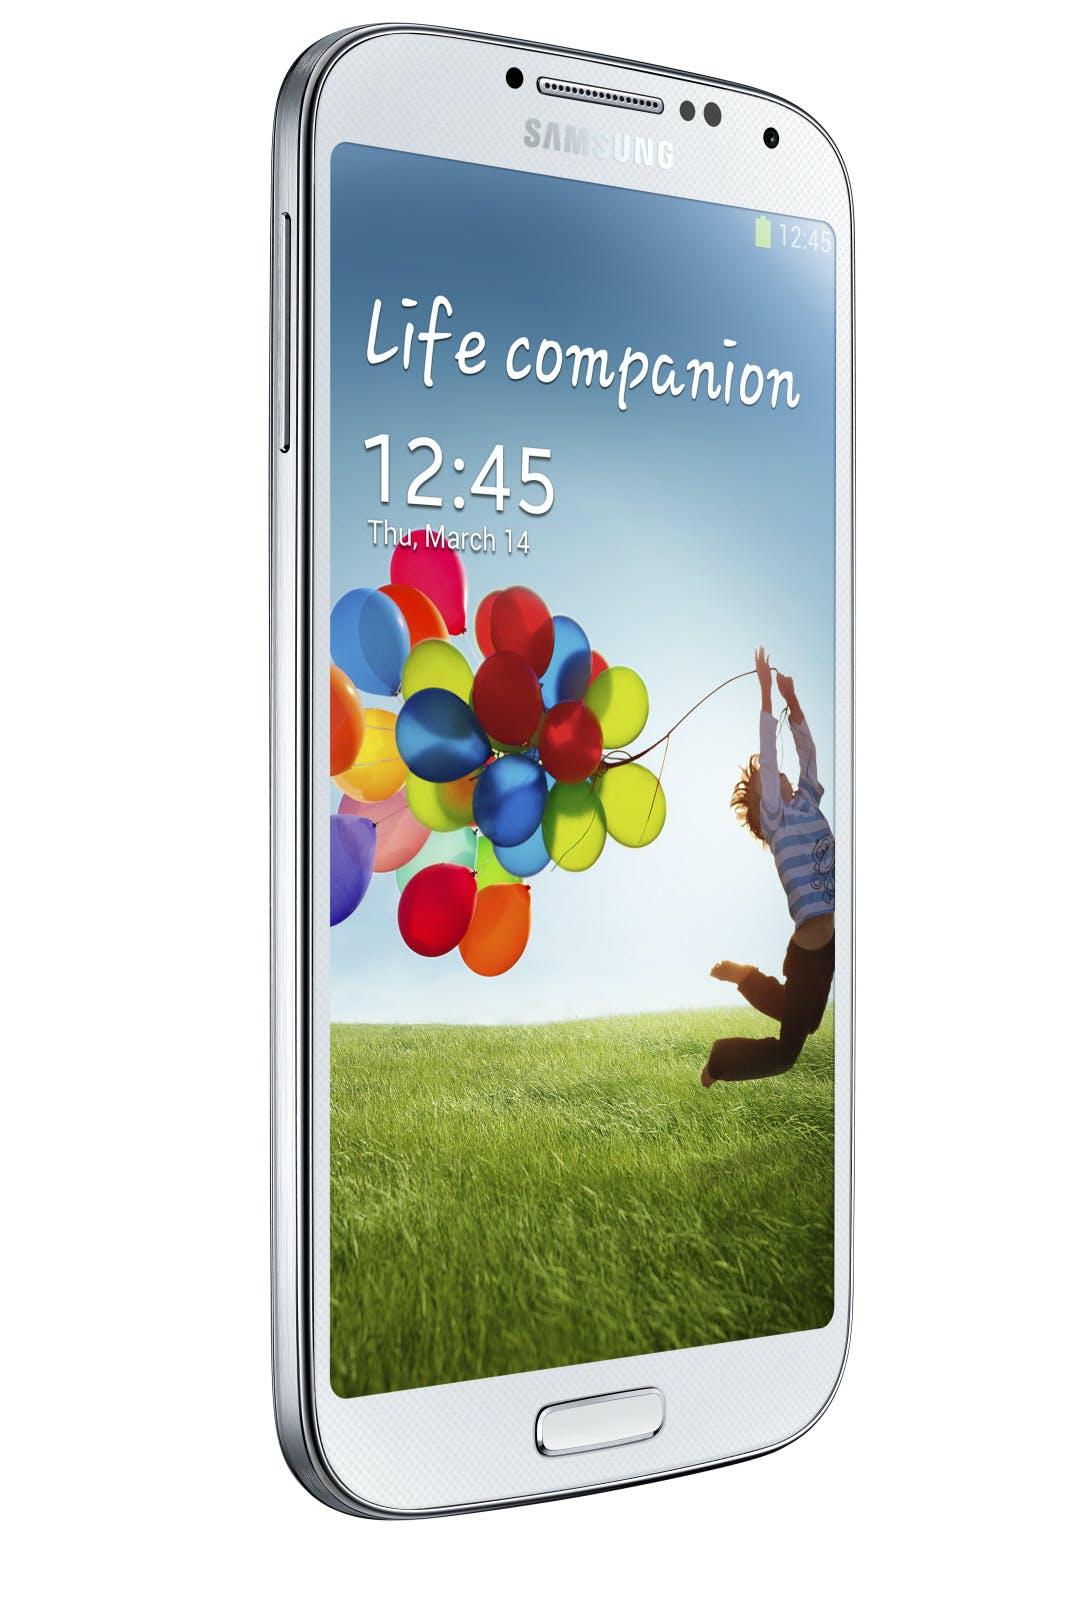 Samsung-GalaxyS4-2013.304